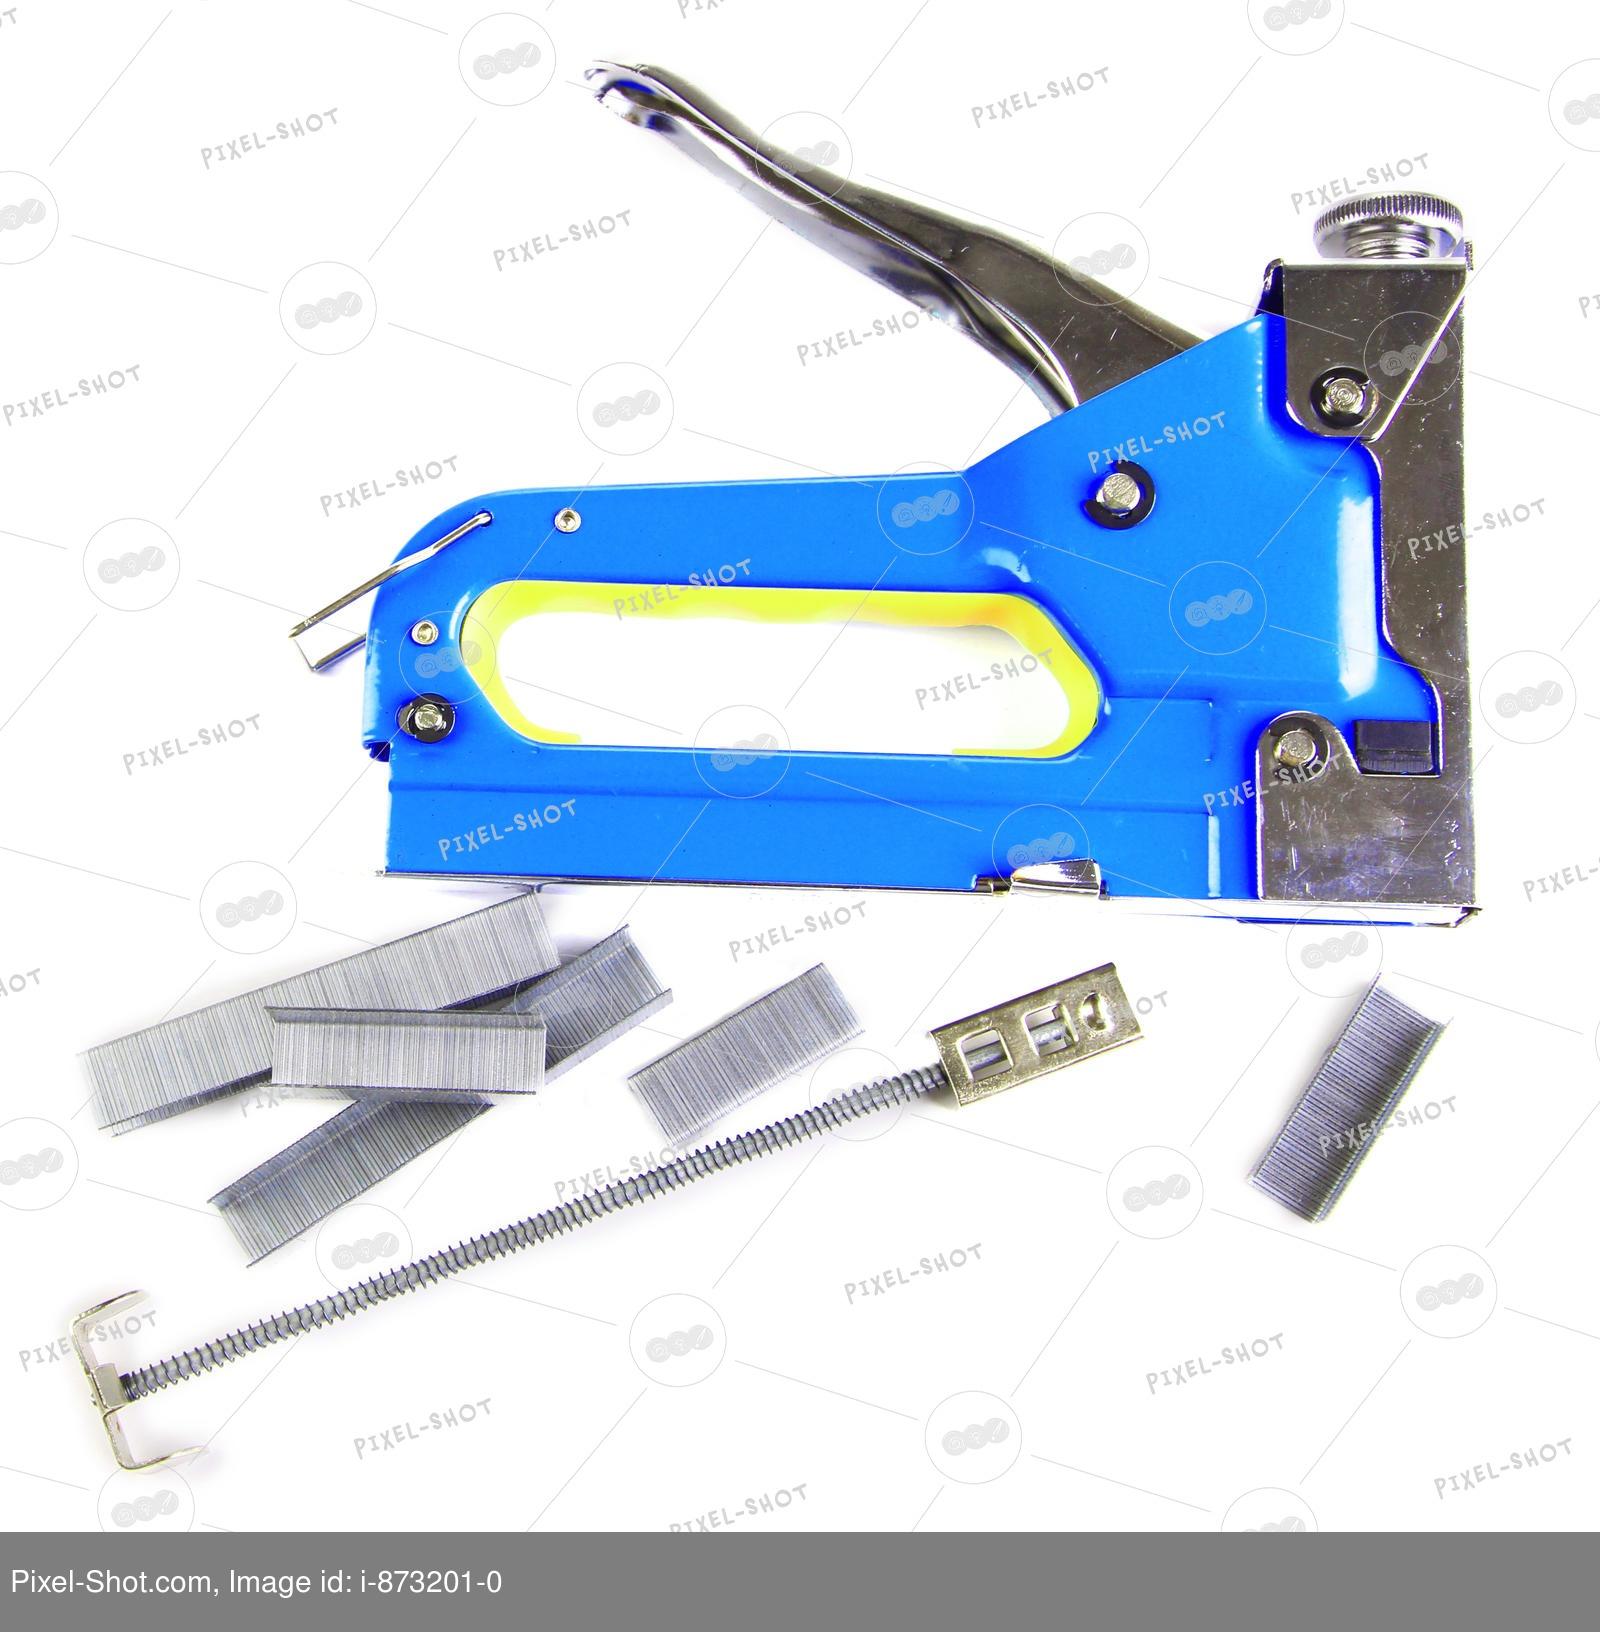 Строительный степлер —виды, какие скобы применять и особенности ремонта – мои инструменты